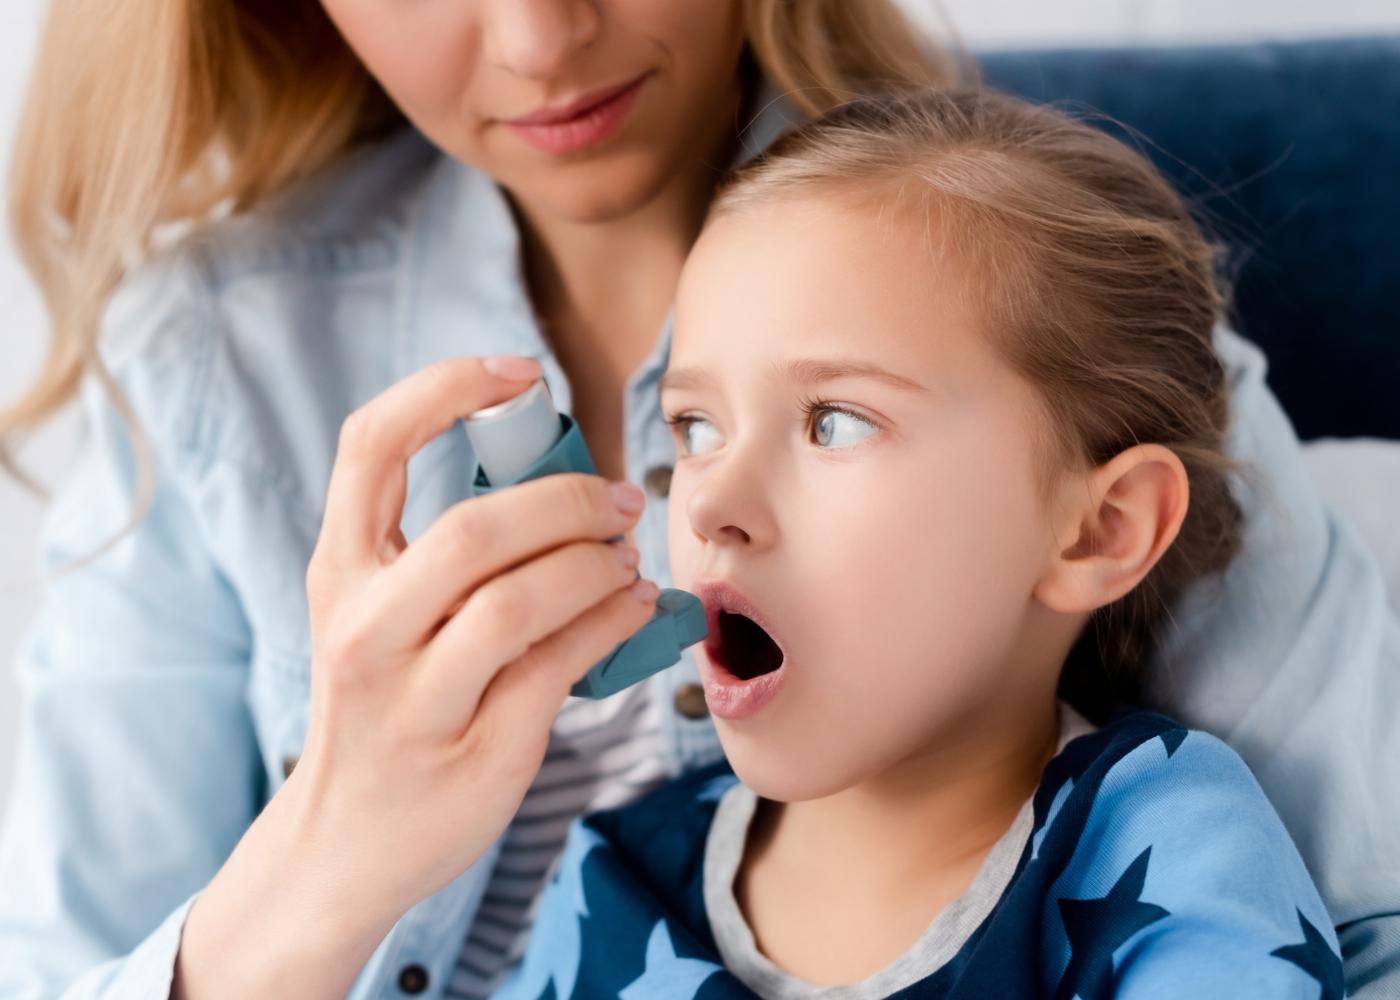 Criança com asma a utilizar o inalador